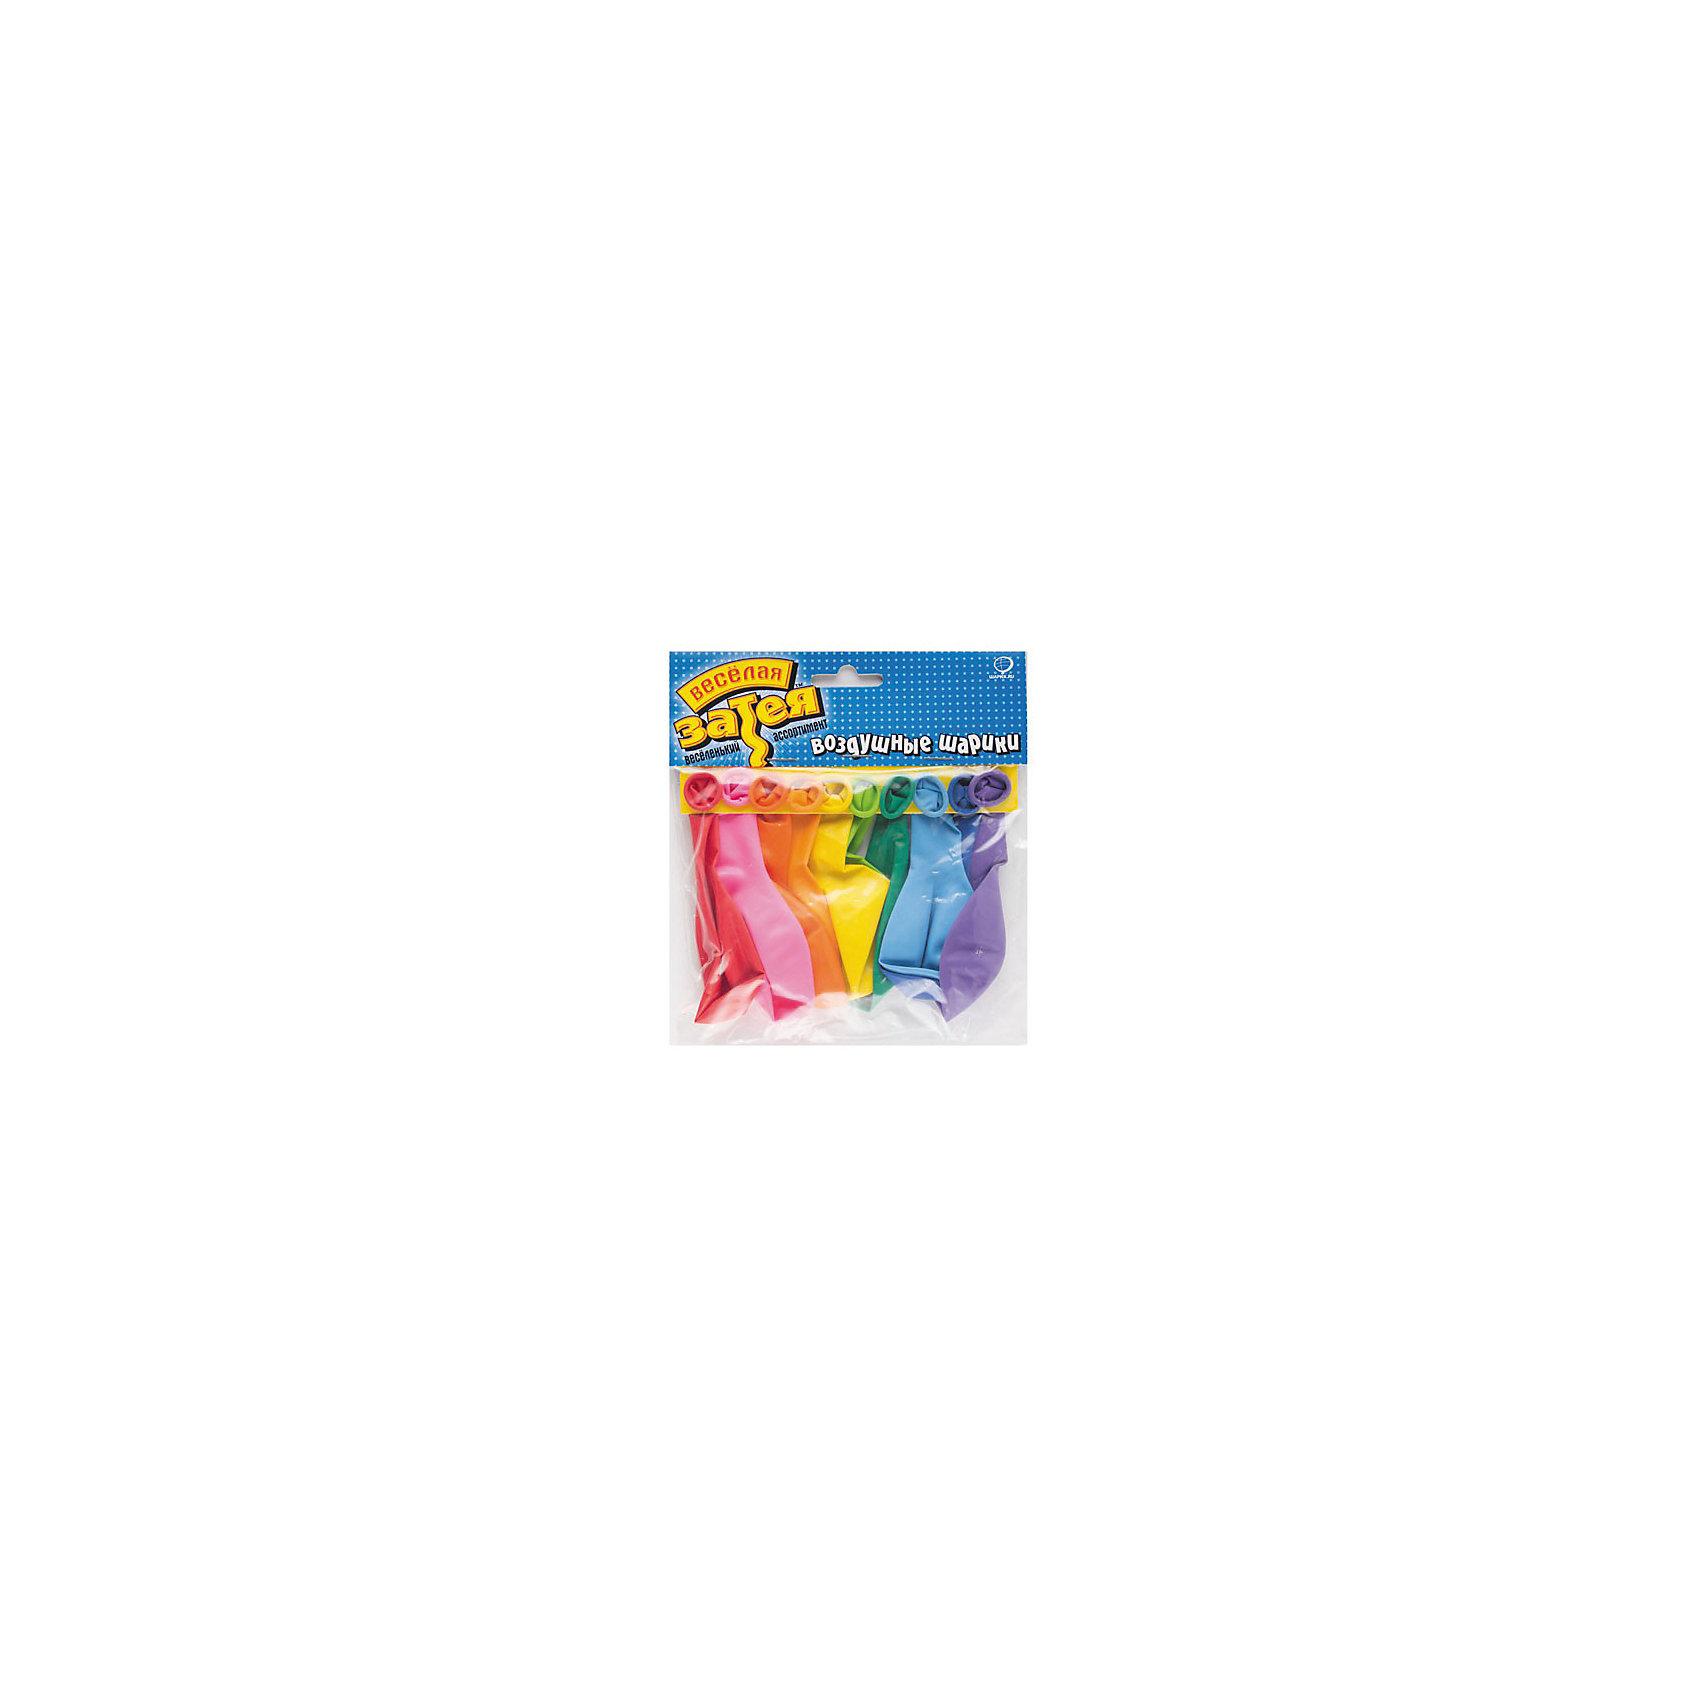 Набор шаров, цвет Пастель,  25см., 10шт., в асс-те, Веселая ЗатеяВсё для праздника<br>Набор шаров, цвет Пастель, 25см., 10шт., в асс-те, Веселая Затея<br><br>Характеристики: <br><br>• Цвет: пастель<br>• Размер: 25см<br>• В комплекте: 10 штук<br>• В упаковке цвета в ассортименте<br><br>Оригинальность и необычность этих шариков в том, что они не стандартных цветов, а с особым пастельным оттенком. В наборе содержатся десять шариков, пяти цветов. Диаметр надутого шарика составляет примерно 25 см. Эти необычные шарики можно использовать для украшения комнаты на праздник, с их помощью легко создать праздничную атмосферу и порадовать детей и даже взрослых. <br><br>Набор шаров, цвет Пастель, 25см., 10шт., в асс-те, Веселая Затея можно купить в нашем интернет-магазине.<br><br>Ширина мм: 150<br>Глубина мм: 175<br>Высота мм: 50<br>Вес г: 30<br>Возраст от месяцев: 36<br>Возраст до месяцев: 2147483647<br>Пол: Унисекс<br>Возраст: Детский<br>SKU: 5445451